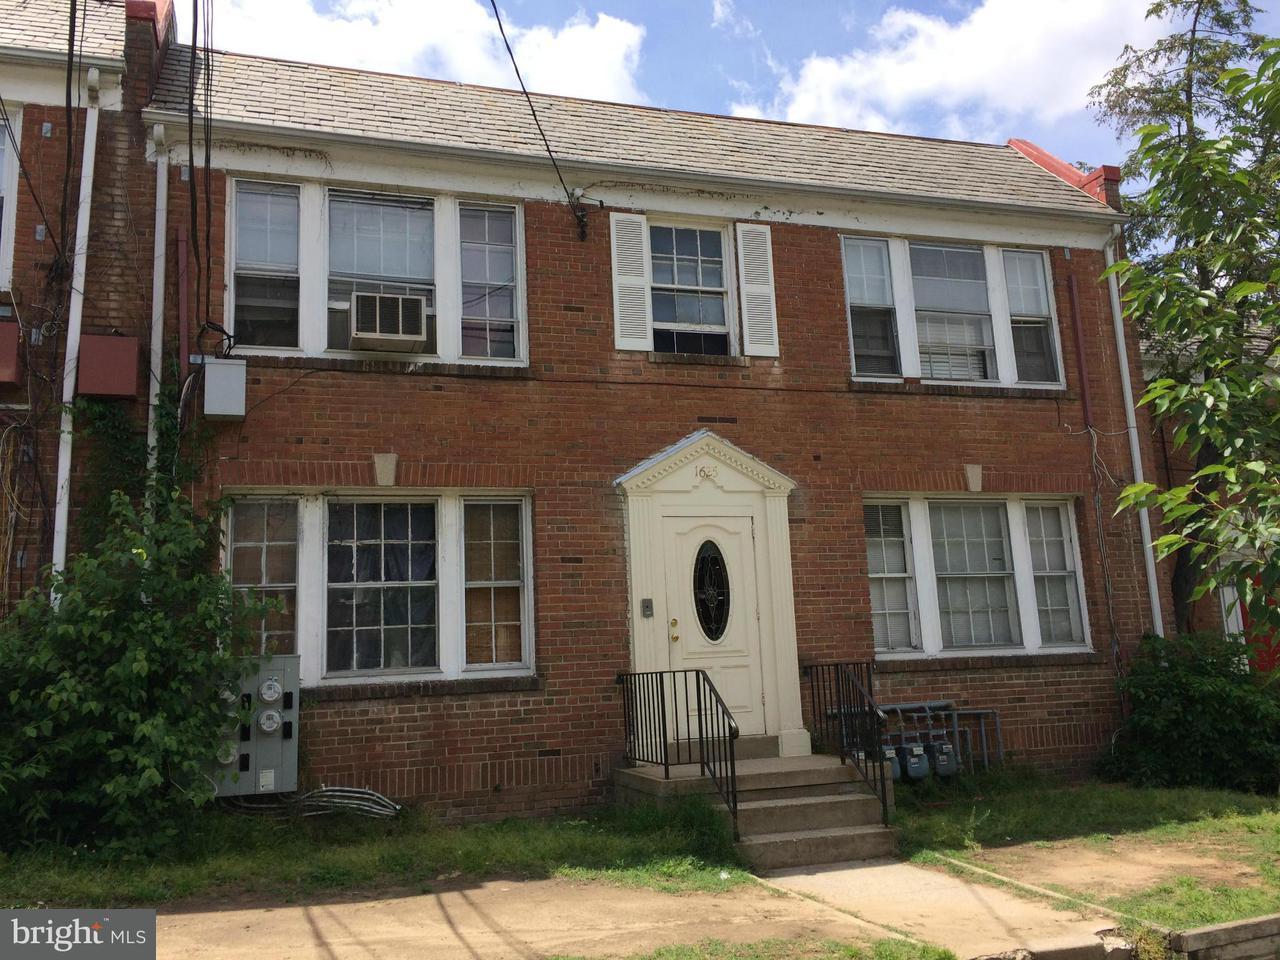 Многосемейный дом для того Продажа на 1625 17th Pl Se 1625 17th Pl Se Washington, Округ Колумбия 20020 Соединенные Штаты